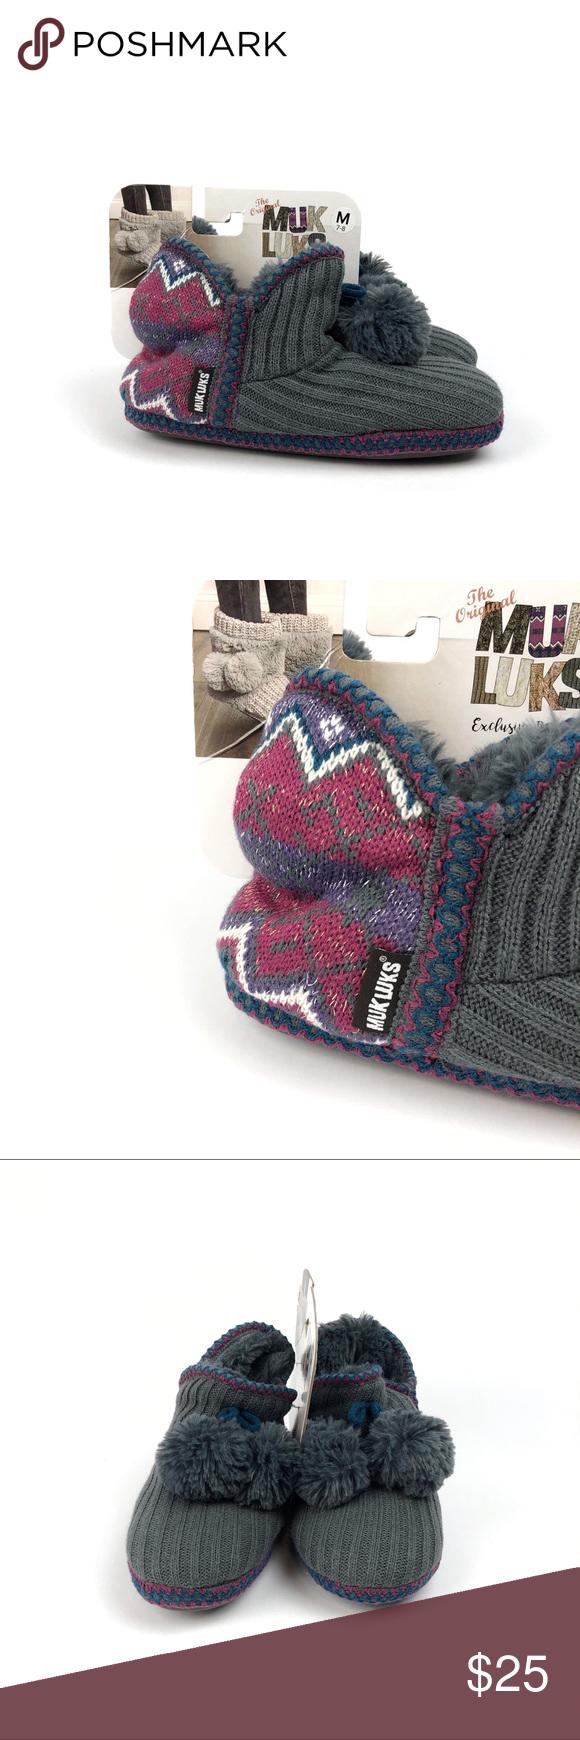 aca78fee4c4 NWT Muk Luks Womens Amira Boot Slippers S556 Muk Luks® Amira boot ...